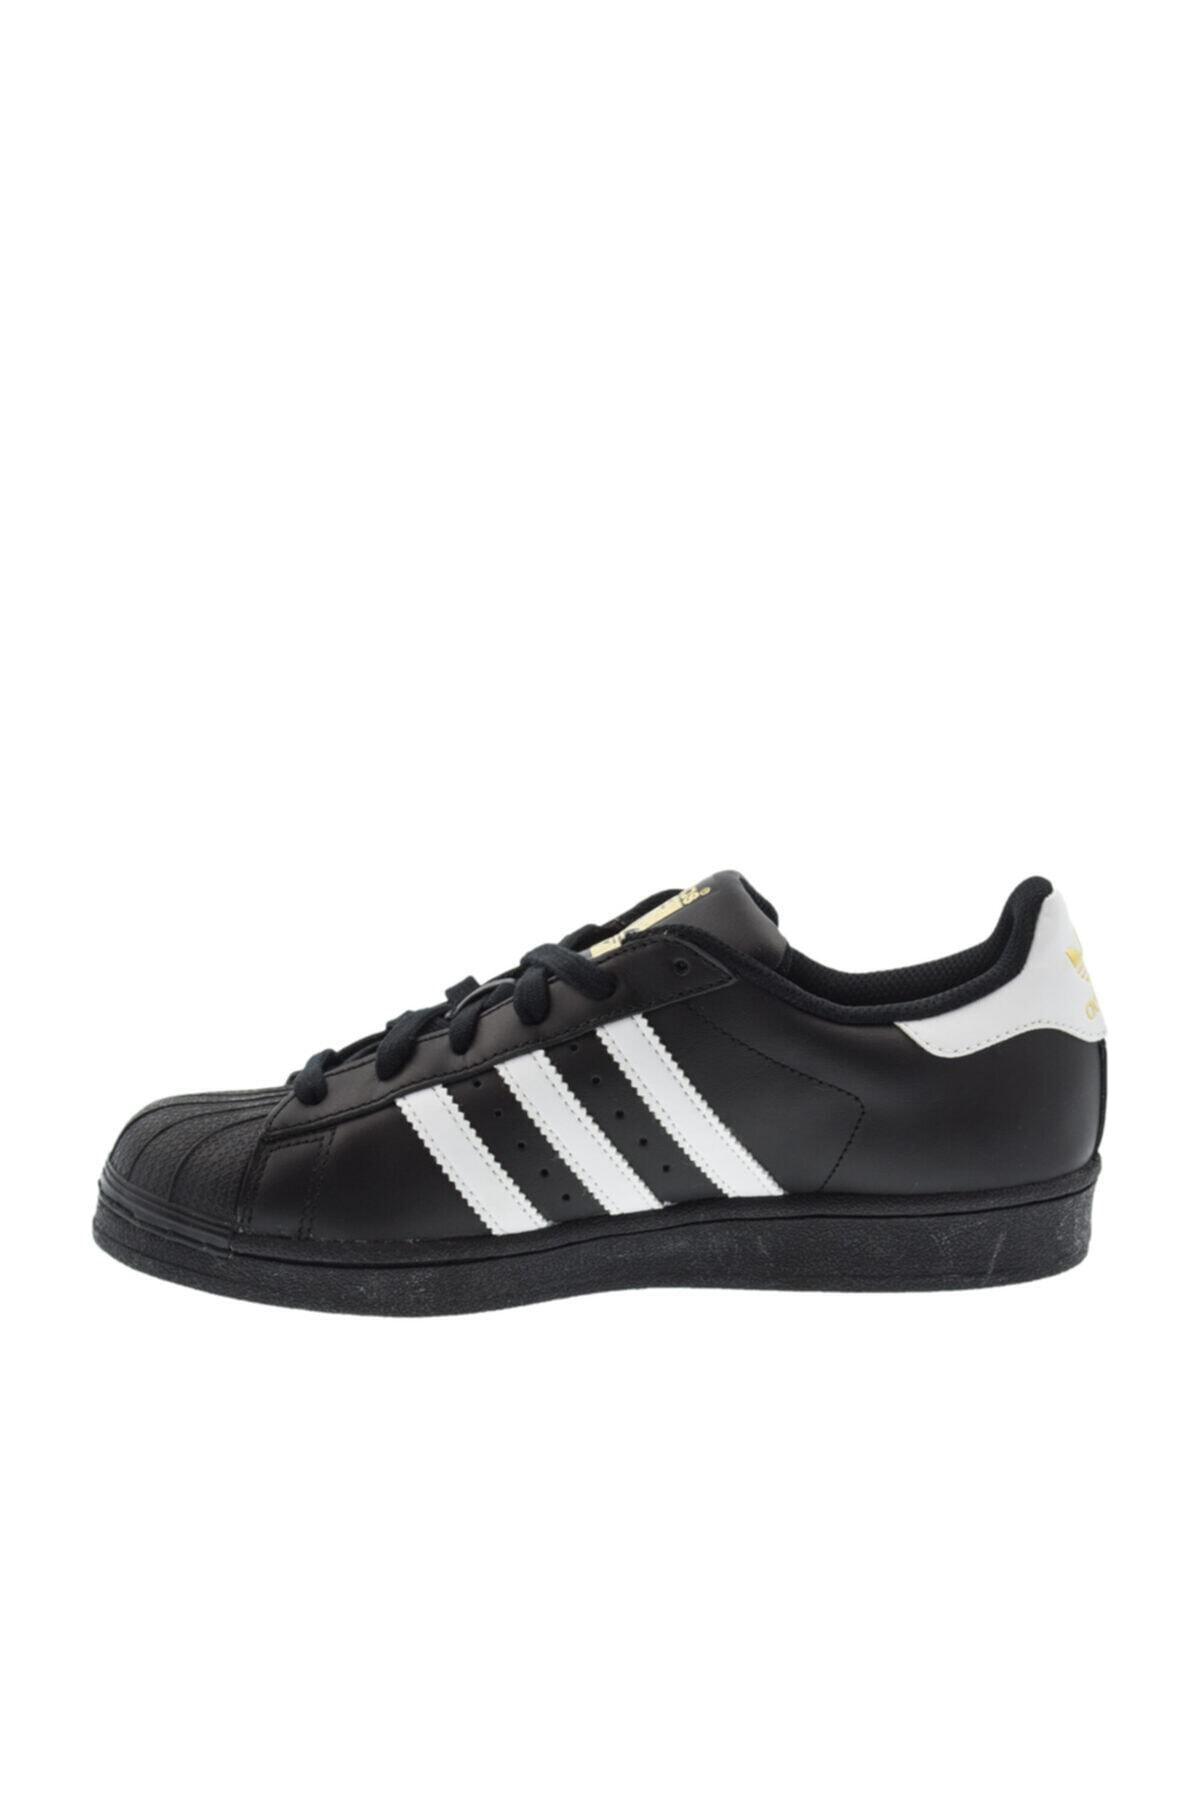 adidas Unisex Siyah Günlük Spor Ayakkabı - B27140